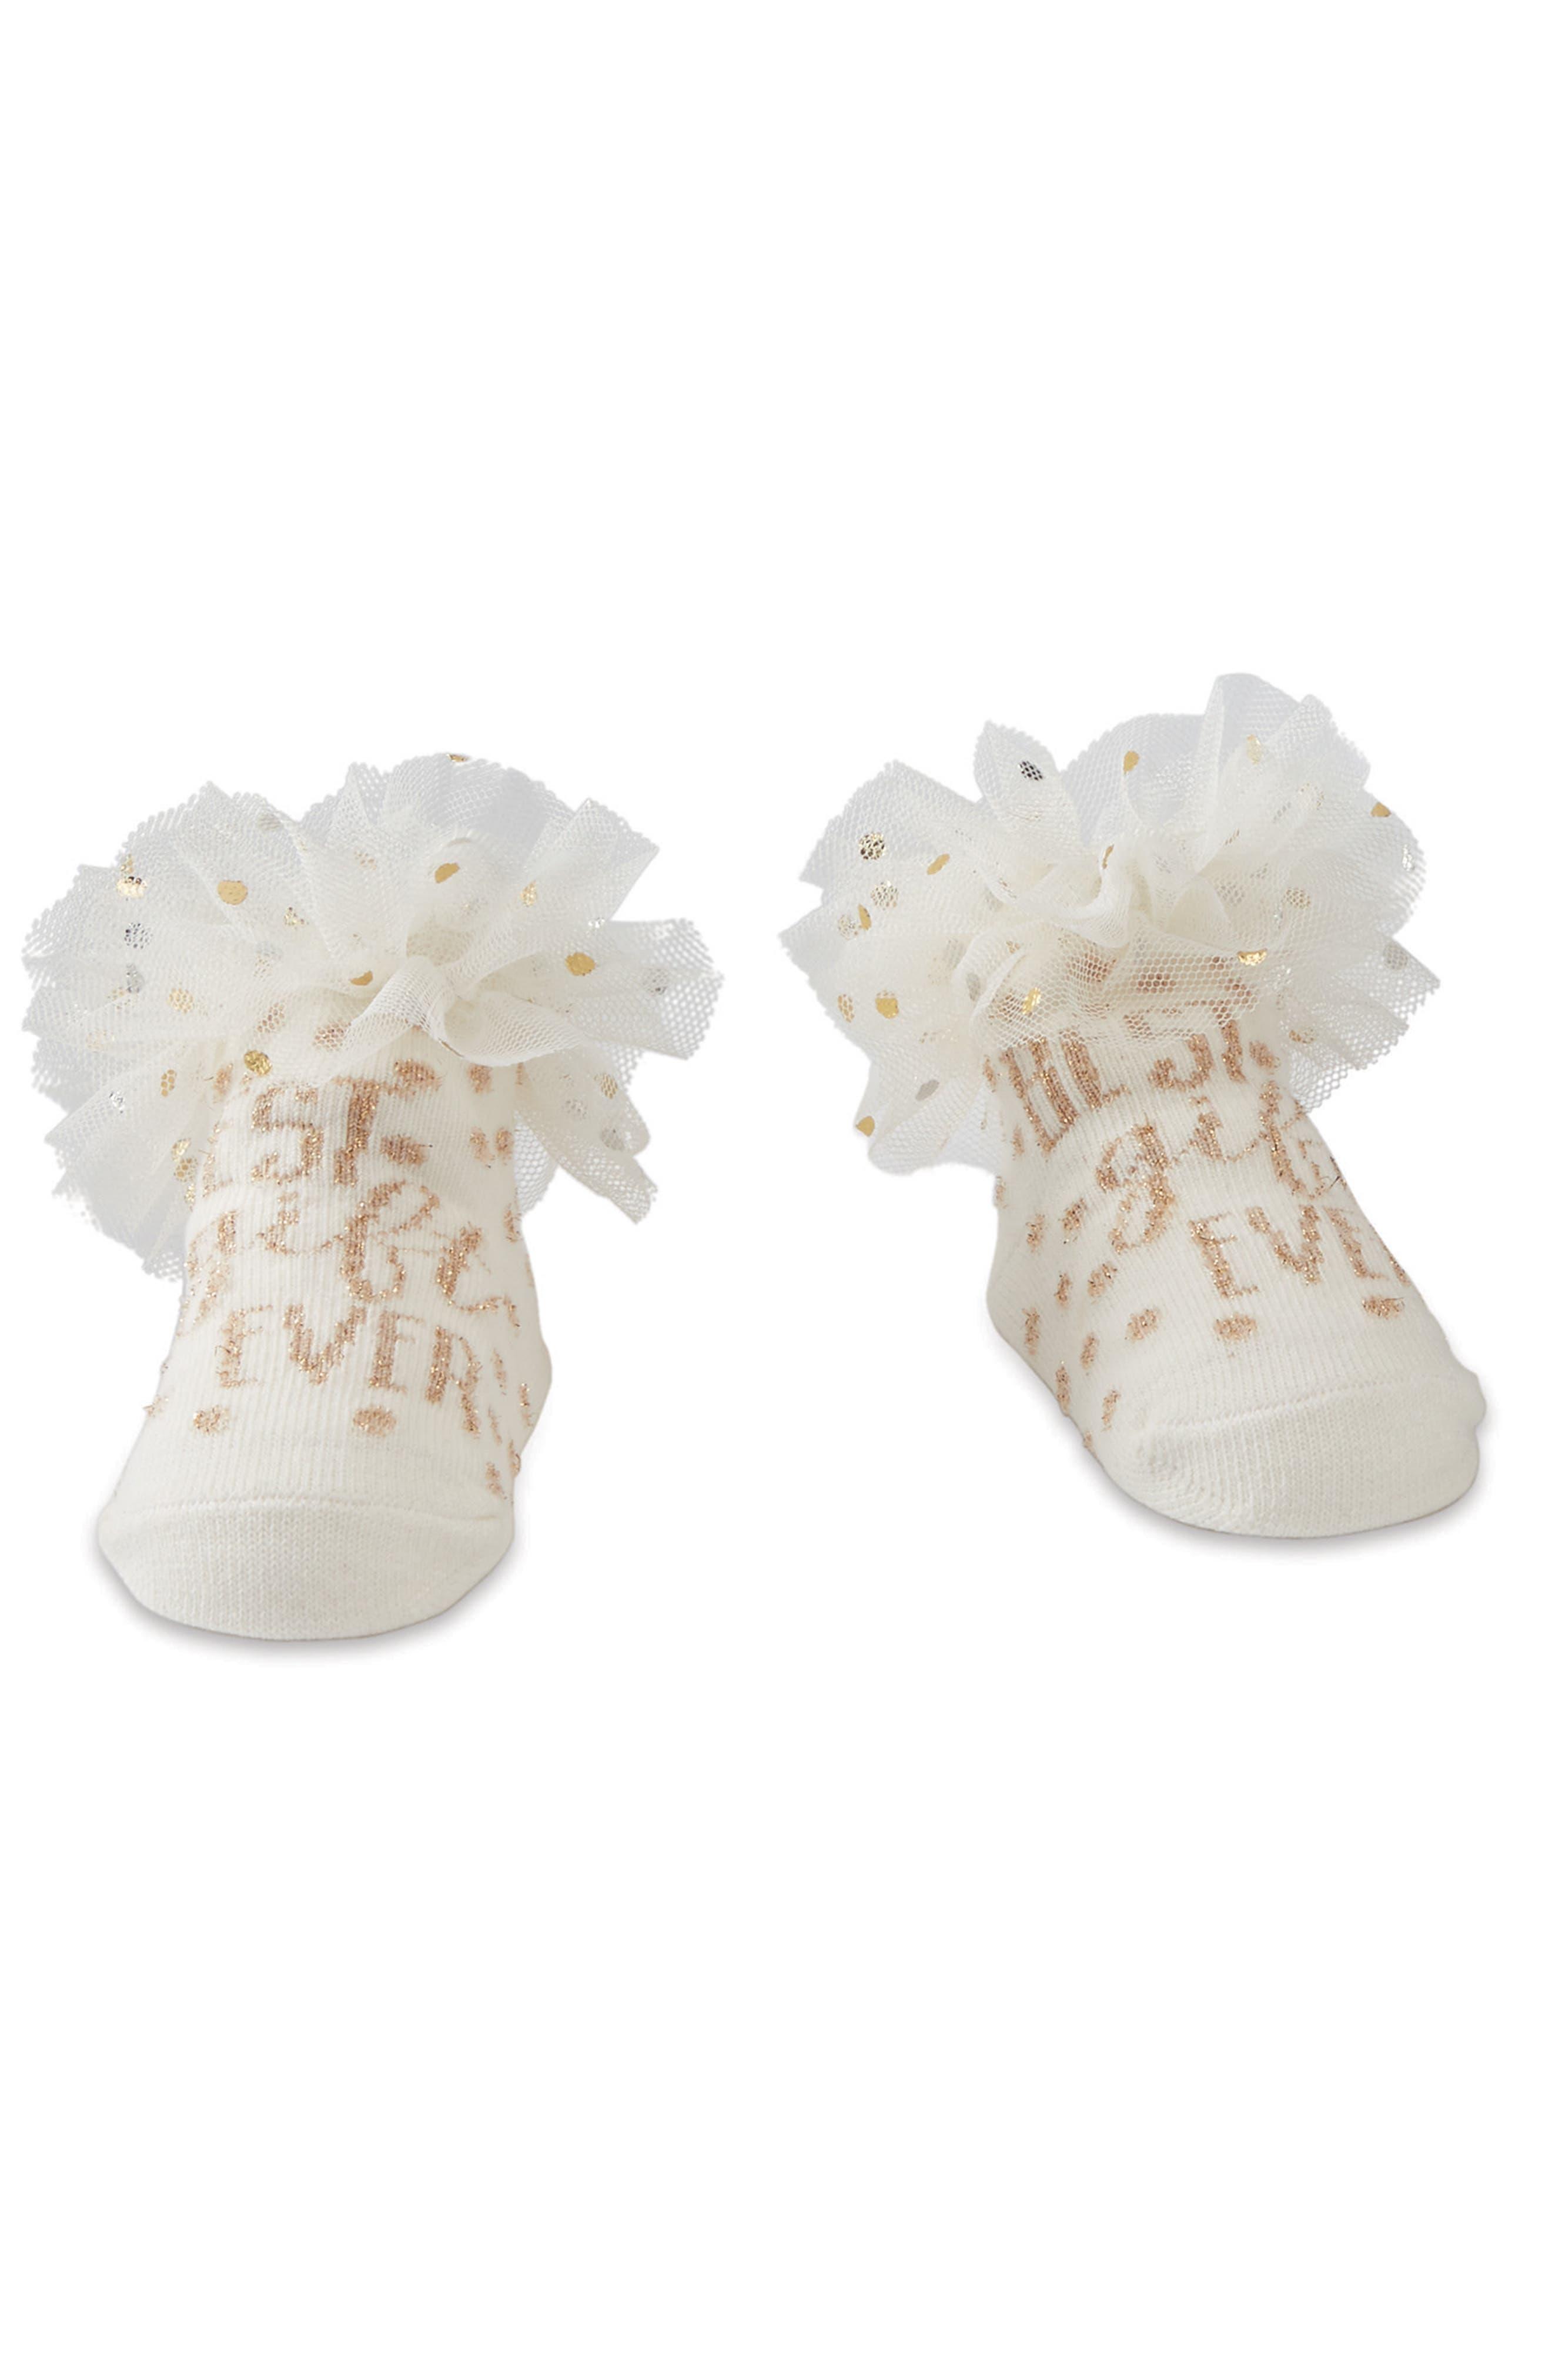 Mud Pie Best Gift Ever Ruffle Socks (Baby)